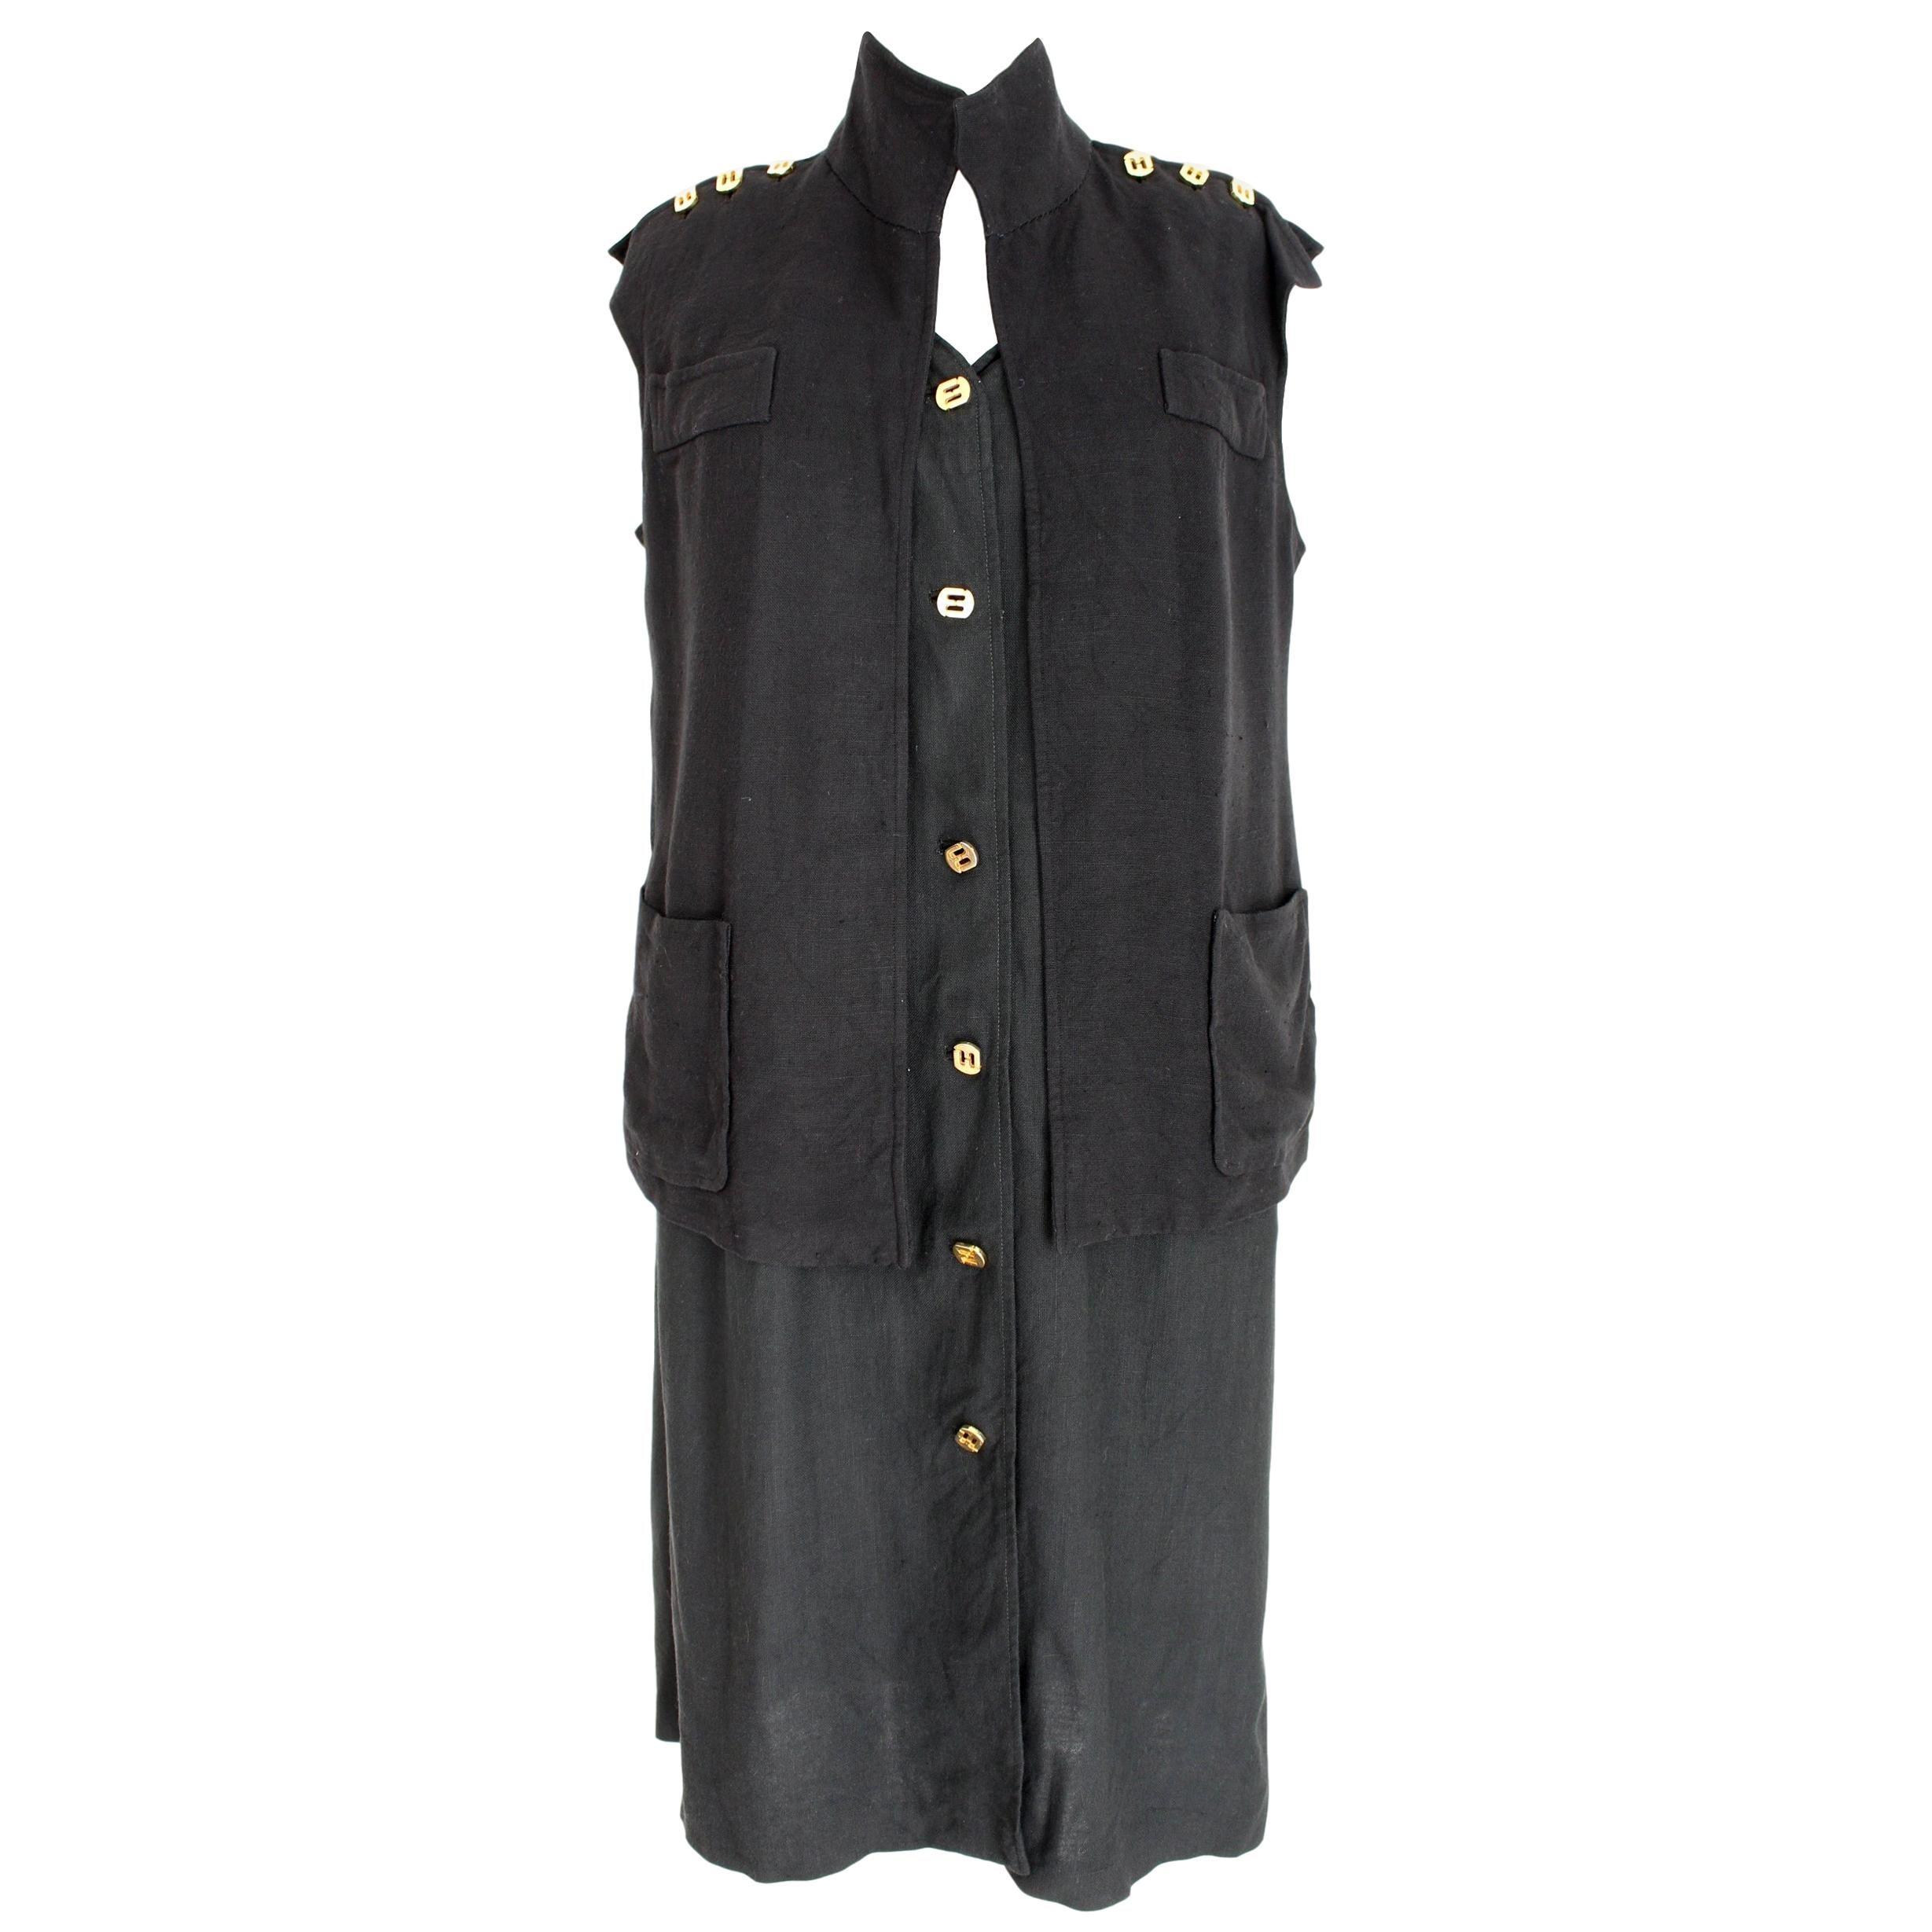 Salvatore Ferragamo Black Viscose Long Cocktail Suit Dress 1990s